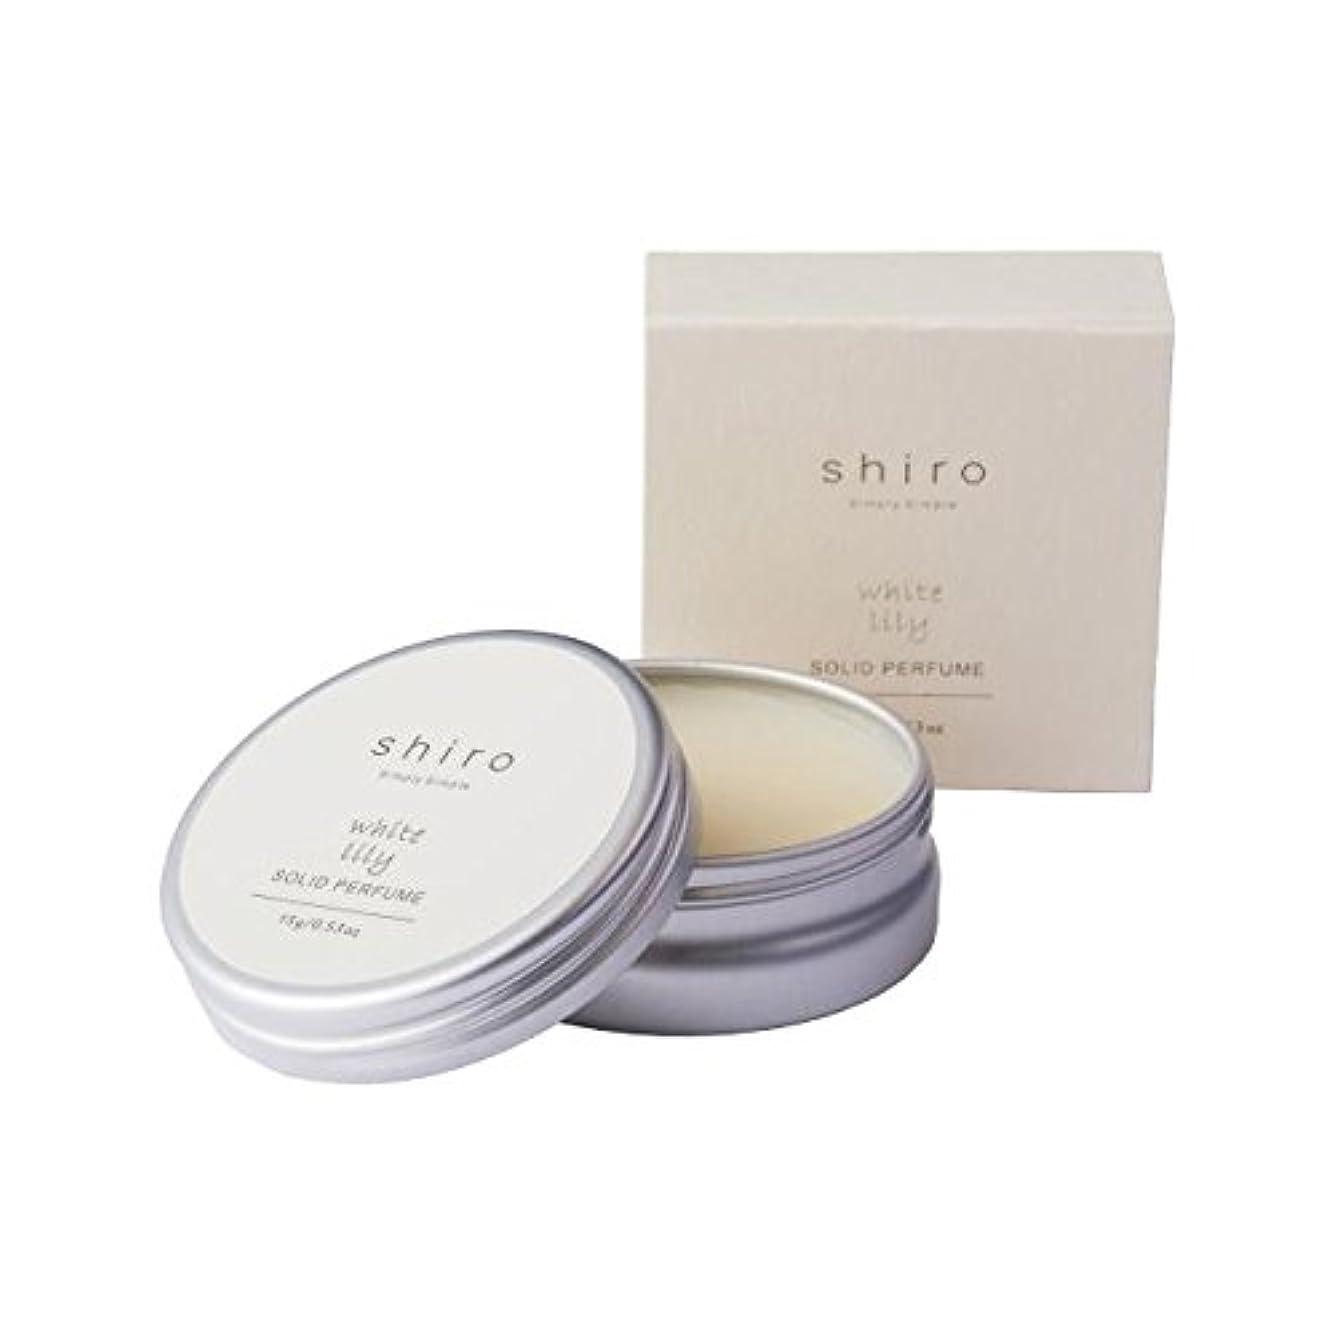 ご注意予見する柔らかさshiro ホワイトリリー シャンプーのような香り すっきりと清潔感 練り香水 シロ 固形タイプ フレグランス 保湿成分 指先の保湿ケア